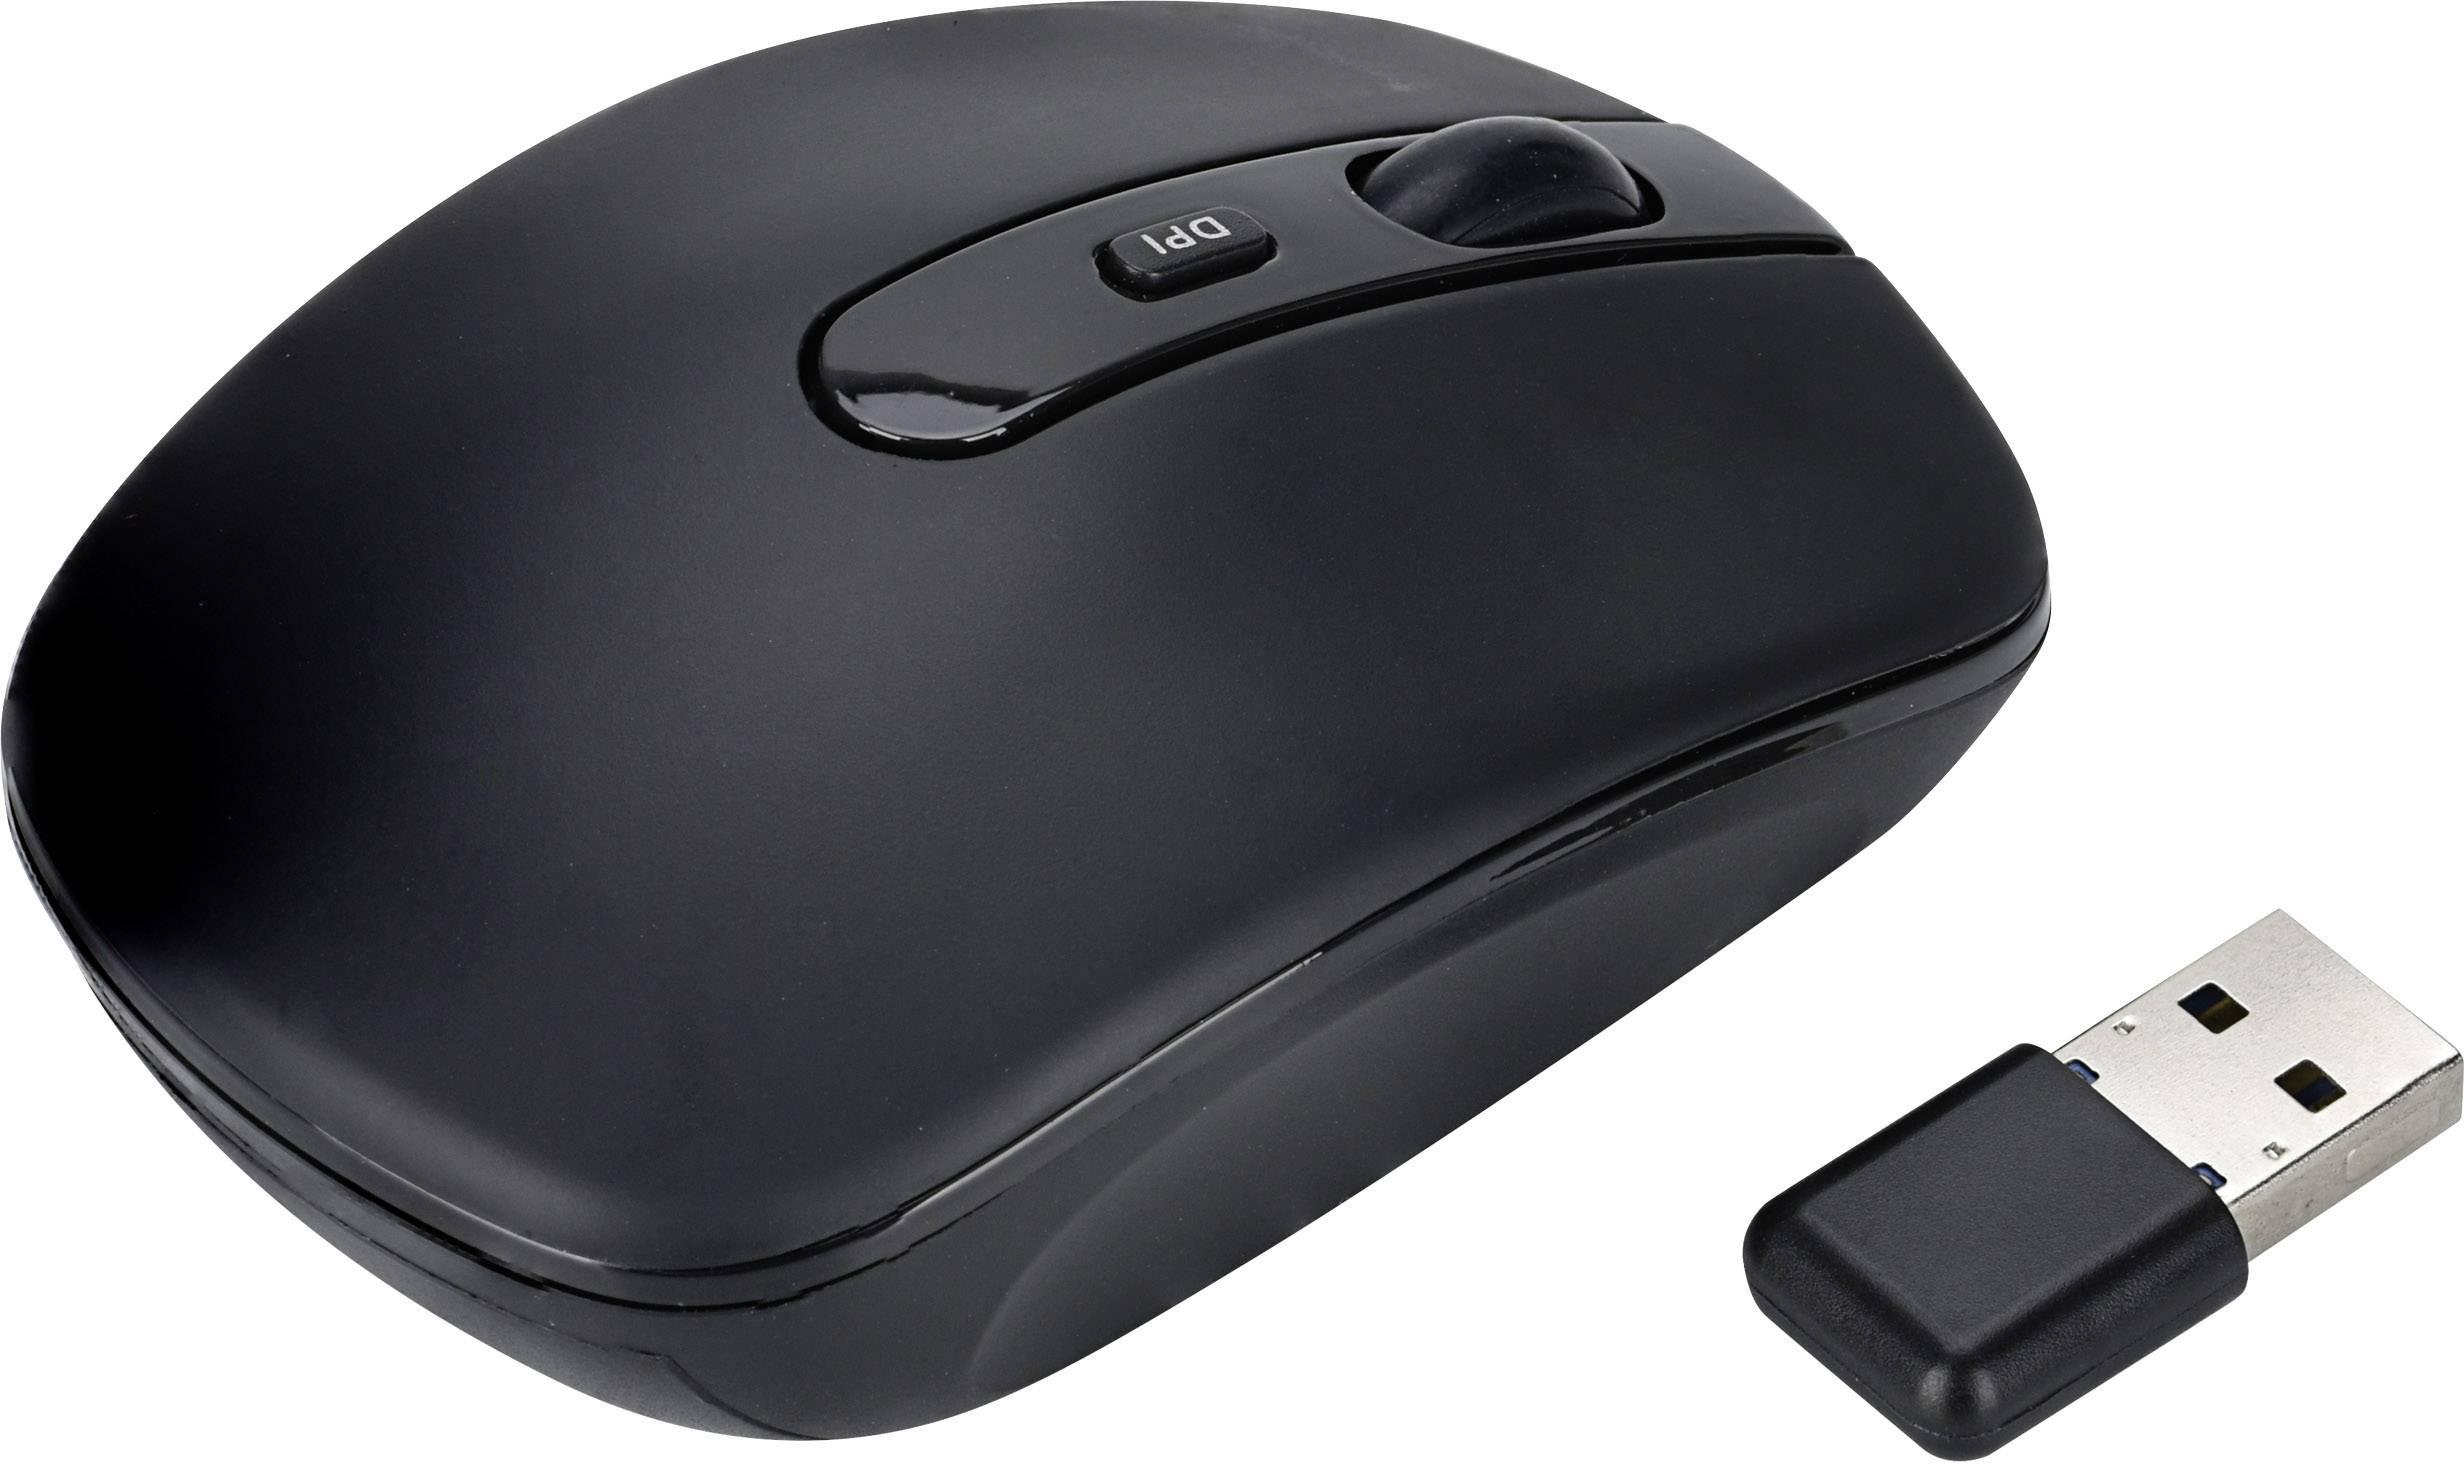 Infračervený bezdrátová myš Renkforce Silent RF-4619385, integrovaný scrollpad, černá